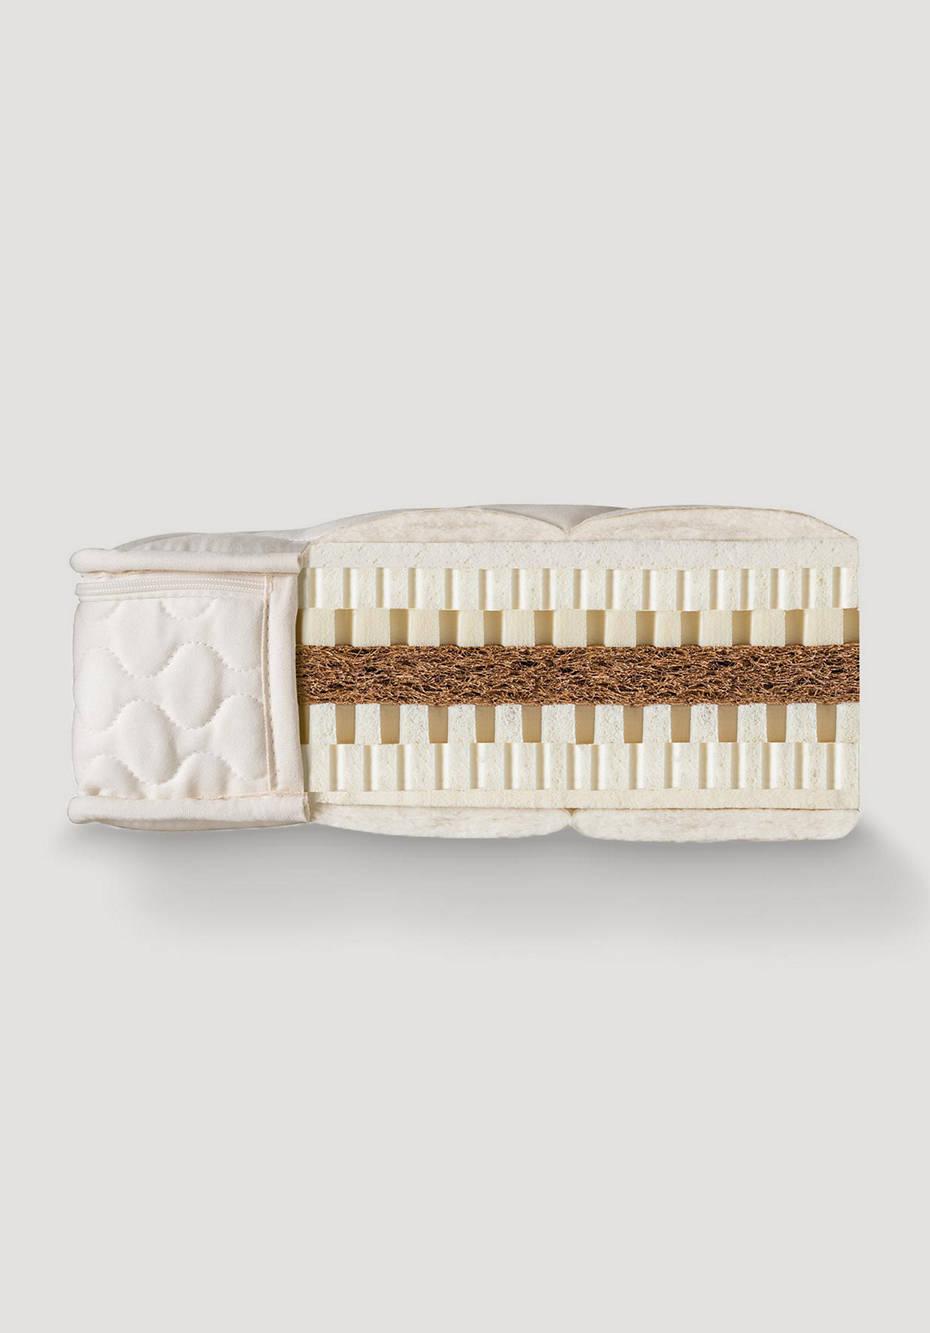 BASIC Matratze mit Kokos und Baumwolle